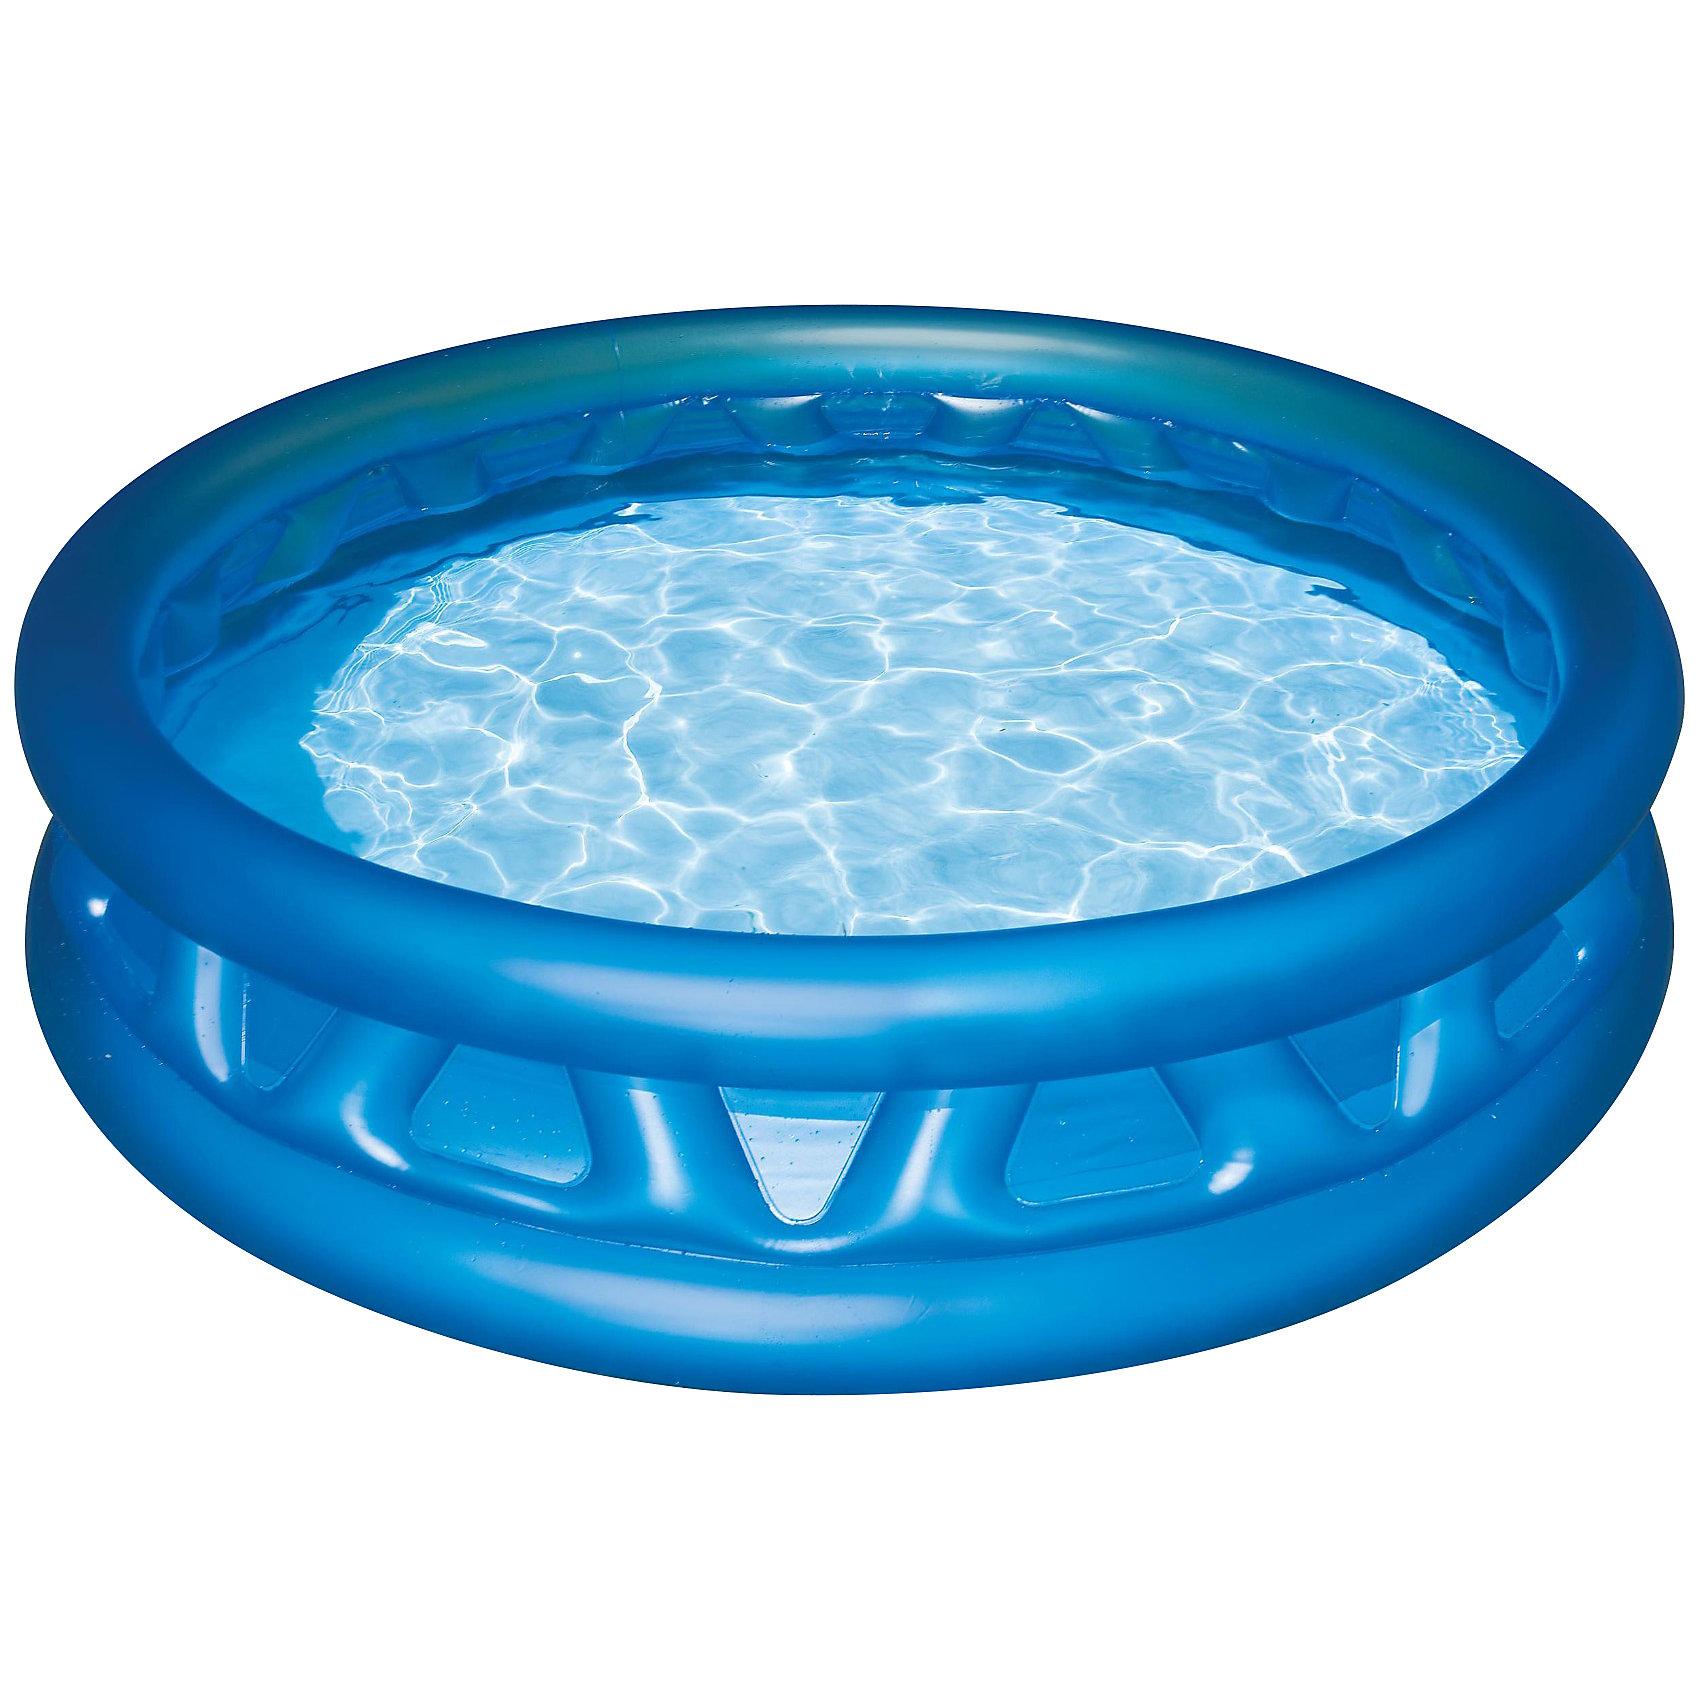 Детский надувной бассейн с мягкими стенками, IntexБассейны<br>Детский надувной бассейн с мягкими стенками, Intex (Интекс). Бортики  с мягкими ребрами обеспечат комфорт и безопасность ребенка. Бассейн имеет 3 независимые воздушные камеры с двойными клапанами, что обеспечивает безопасность в случае прокола. Он способен вместить в себя несколько малышей, которые смогут весело плескаться и играть друг с другом. <br><br>Не оставит равнодушным Вашего малыша!<br><br>Дополнительная информация:<br><br>- В комплекте: детский надувной бассейн с мягкими стенками, Intex, ремкомплект<br>- Размер бассейна: 188 x 46 см<br>- Объем (при 80% заполнении) 665 л.<br>- Глубина воды при указанном объеме: 36 см.<br>- Вес в упаковке 2,9 кг.<br>- Ненадувное дно<br><br>Детский надувной бассейн с мягкими стенками, Intex (Интекс) можно купить в нашем интернет-магазине.<br><br>Ширина мм: 361<br>Глубина мм: 304<br>Высота мм: 91<br>Вес г: 2721<br>Возраст от месяцев: 36<br>Возраст до месяцев: 1164<br>Пол: Унисекс<br>Возраст: Детский<br>SKU: 2106970